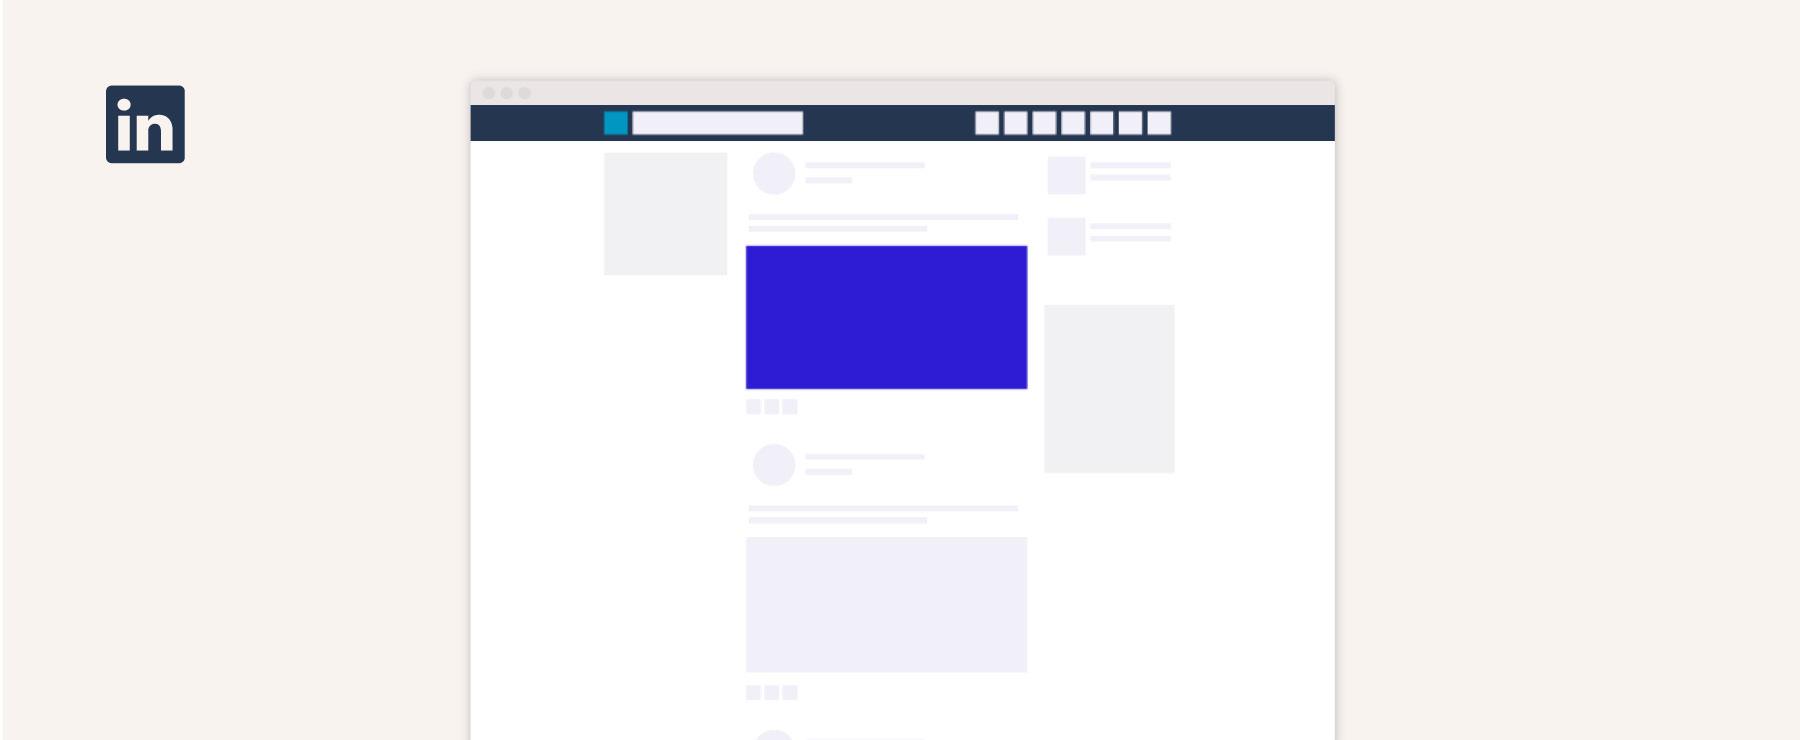 Linkedin blog post link image size guide